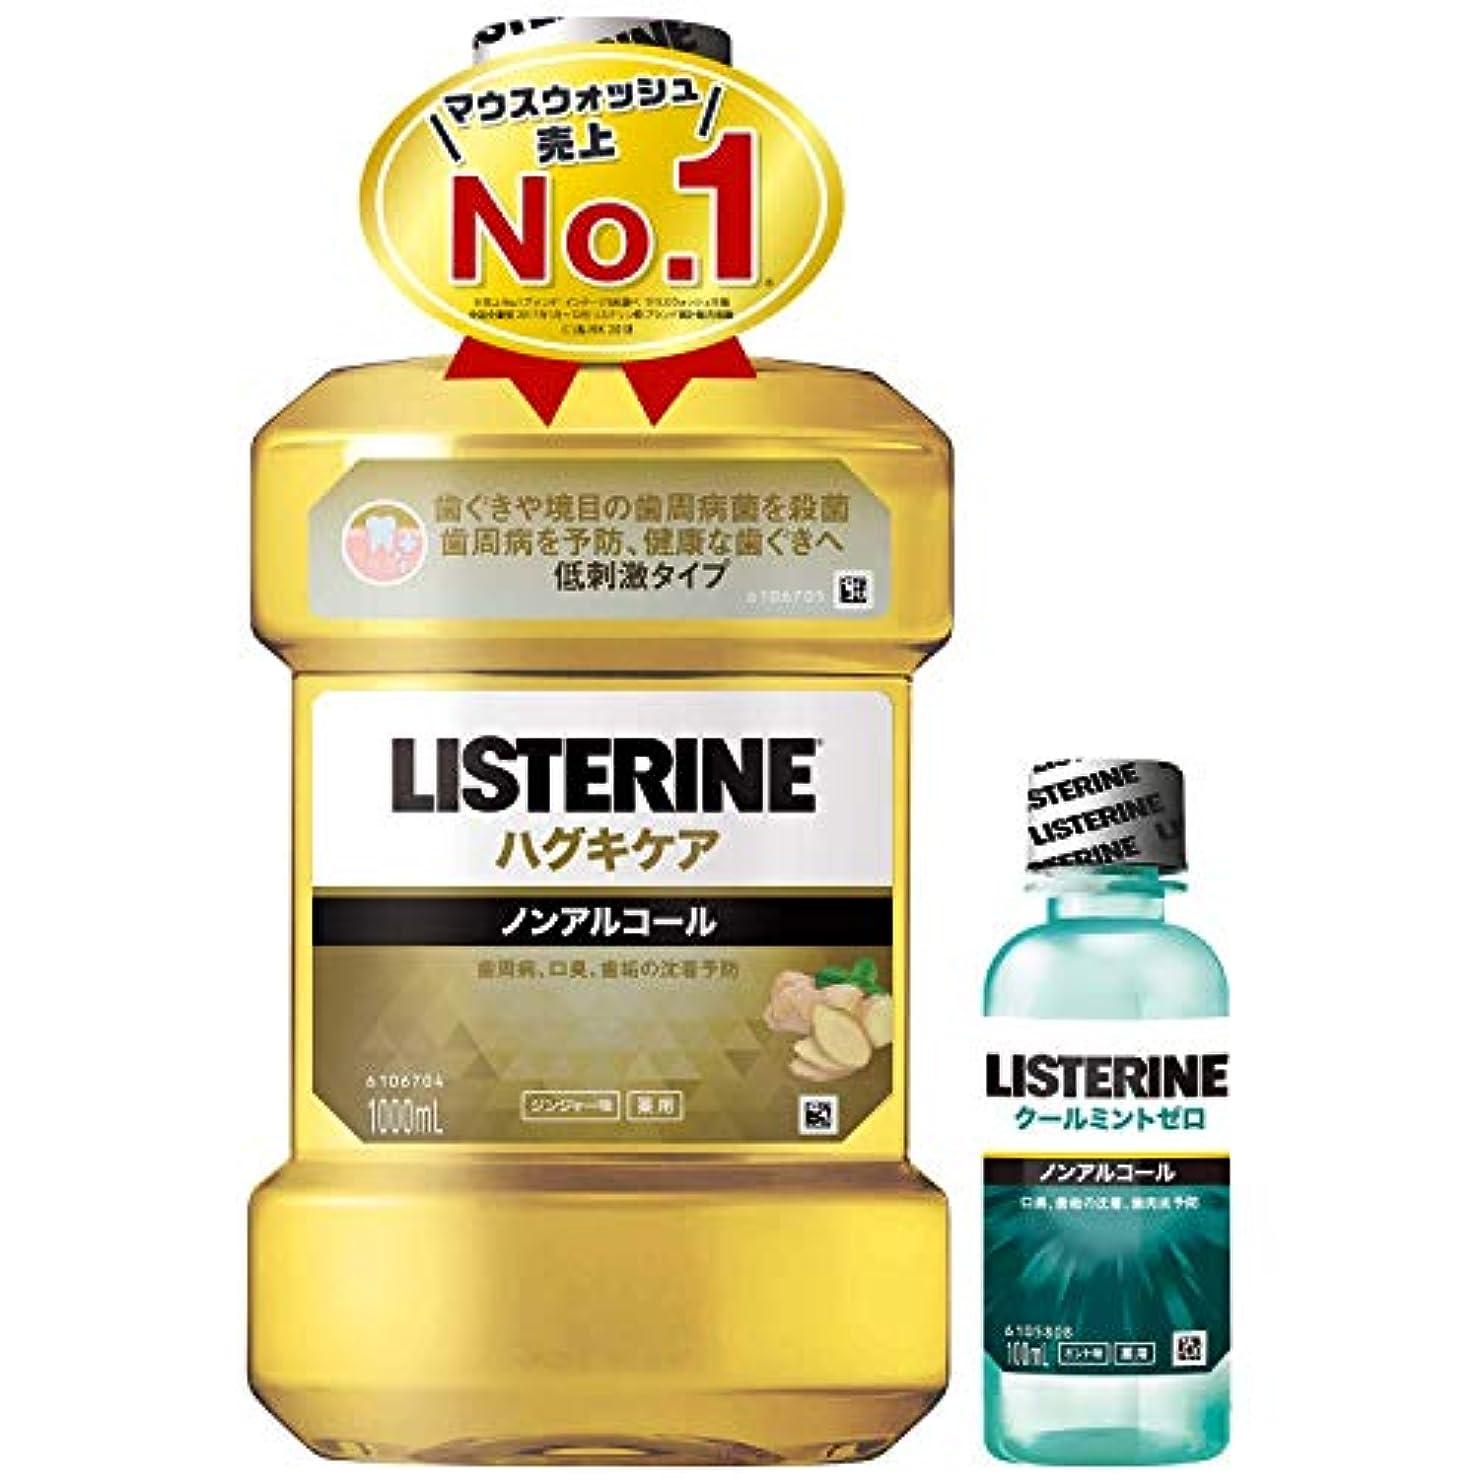 がっかりする掃除サンダー[医薬部外品] 薬用 LISTERINE(リステリン) マウスウォッシュ ハグキケア 1000mL + おまけつき